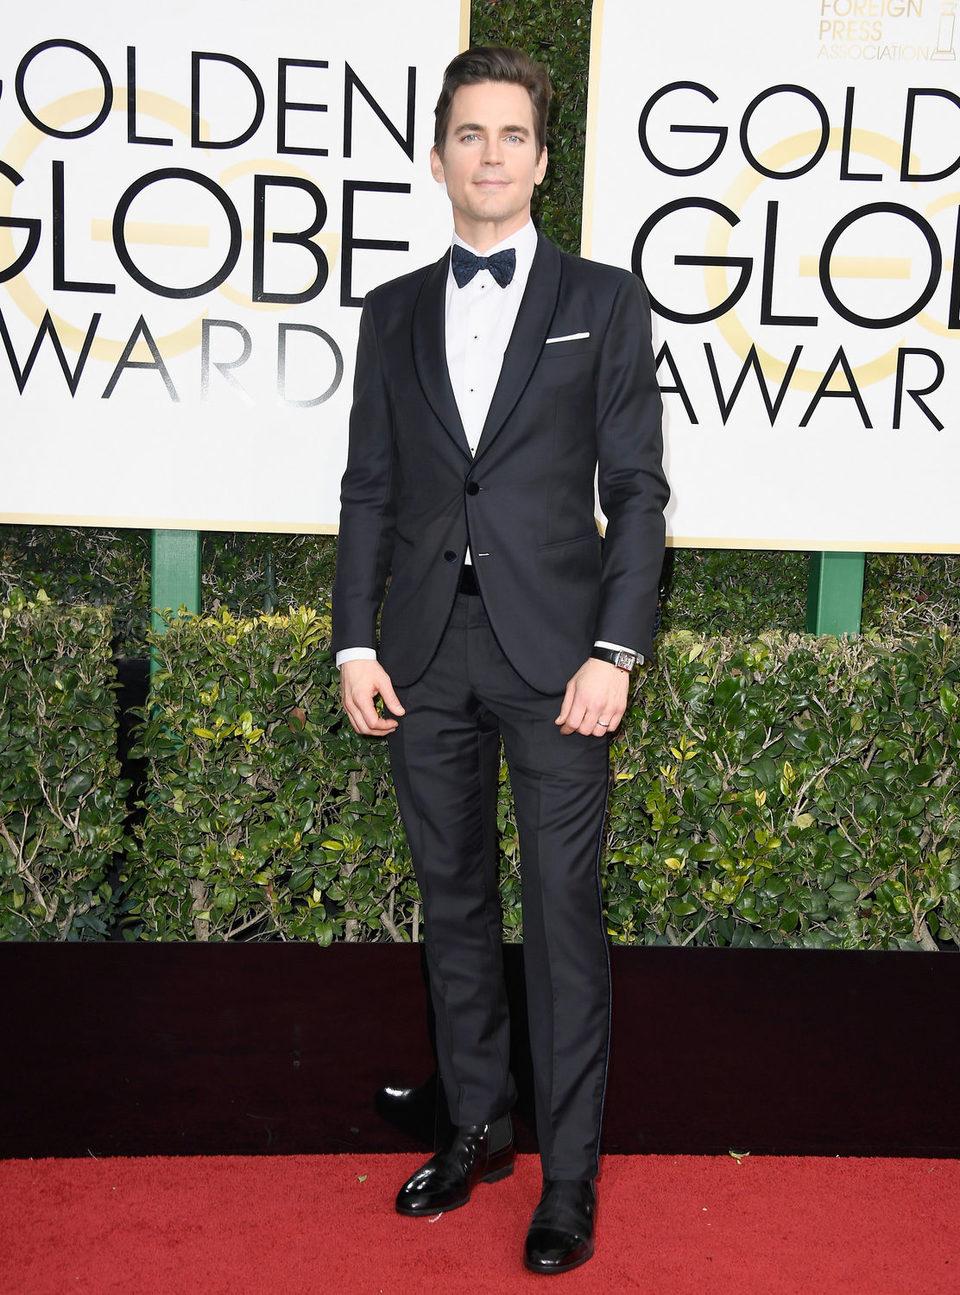 Matt Bomer at the 2017 Golden Globes red carpet